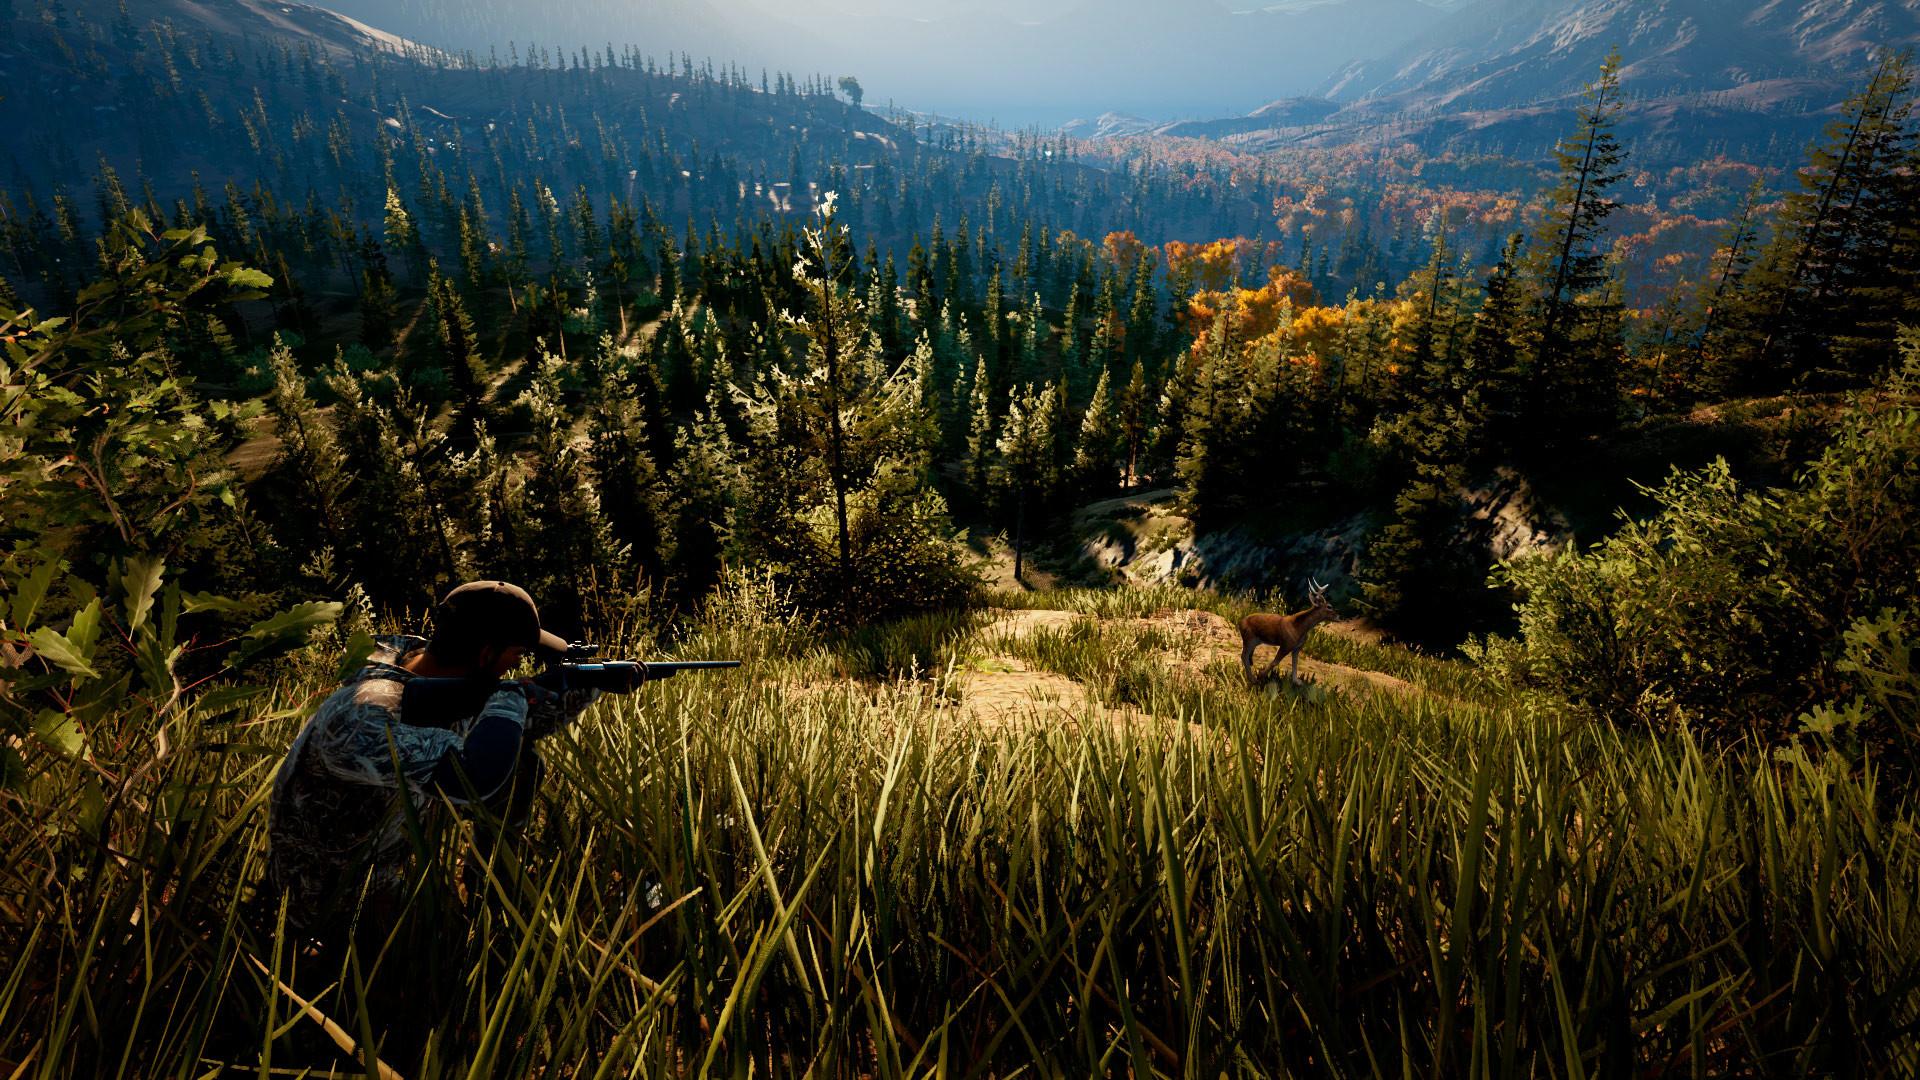 hunting simulator 2 video game wallpaper 74052